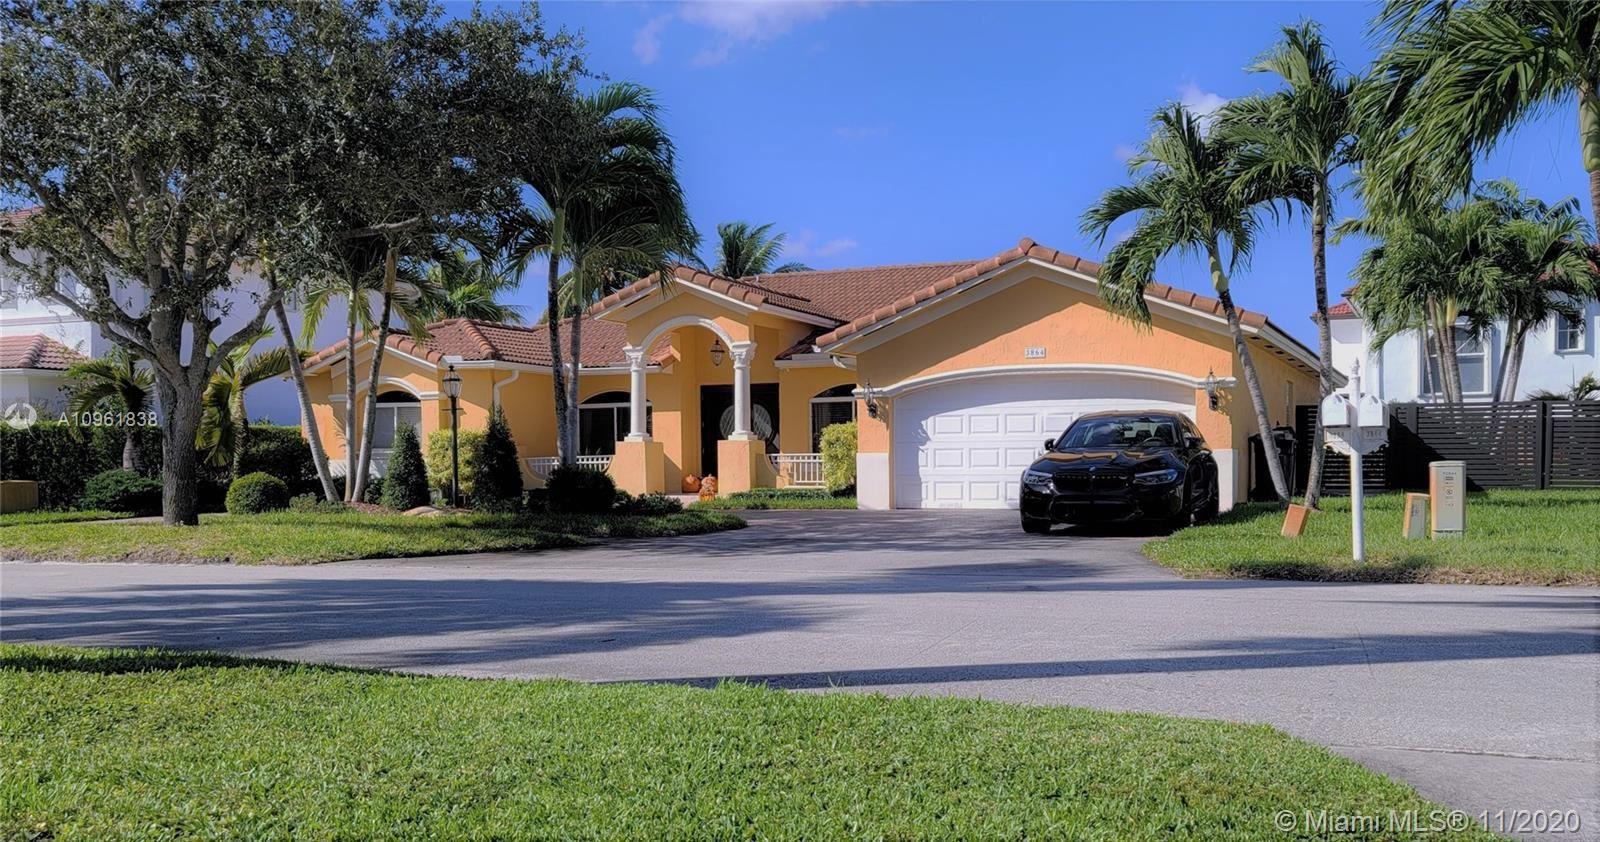 3864 SW 150th Ct, Miami, FL 33185 - #: A10961838